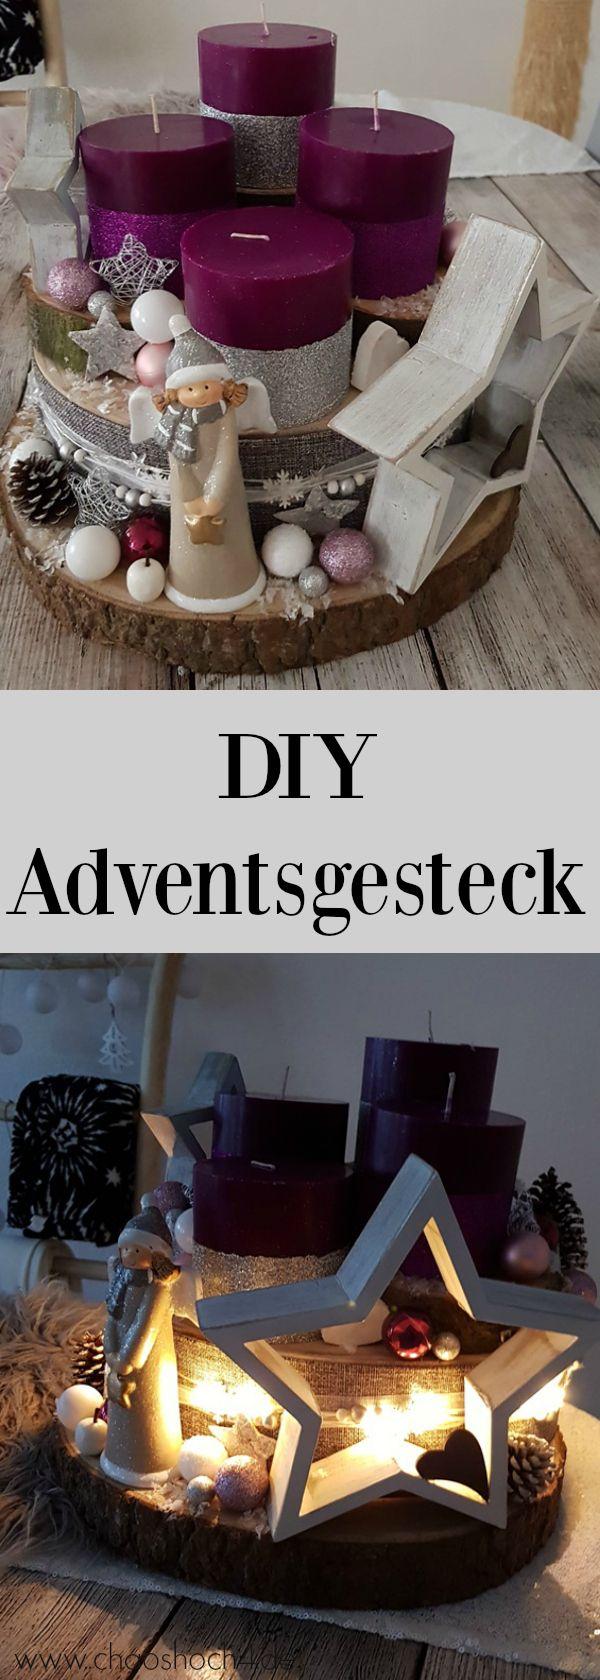 Einfach, schnell und günstig ein Adventsgesteck aus Baumscheiben und Weihnachtsdekoration aus dem 1€ Laden basteln. Trotzdem ist dieser moderne DIY Adventskranz auf jedem Tisch ein mega hingucker.